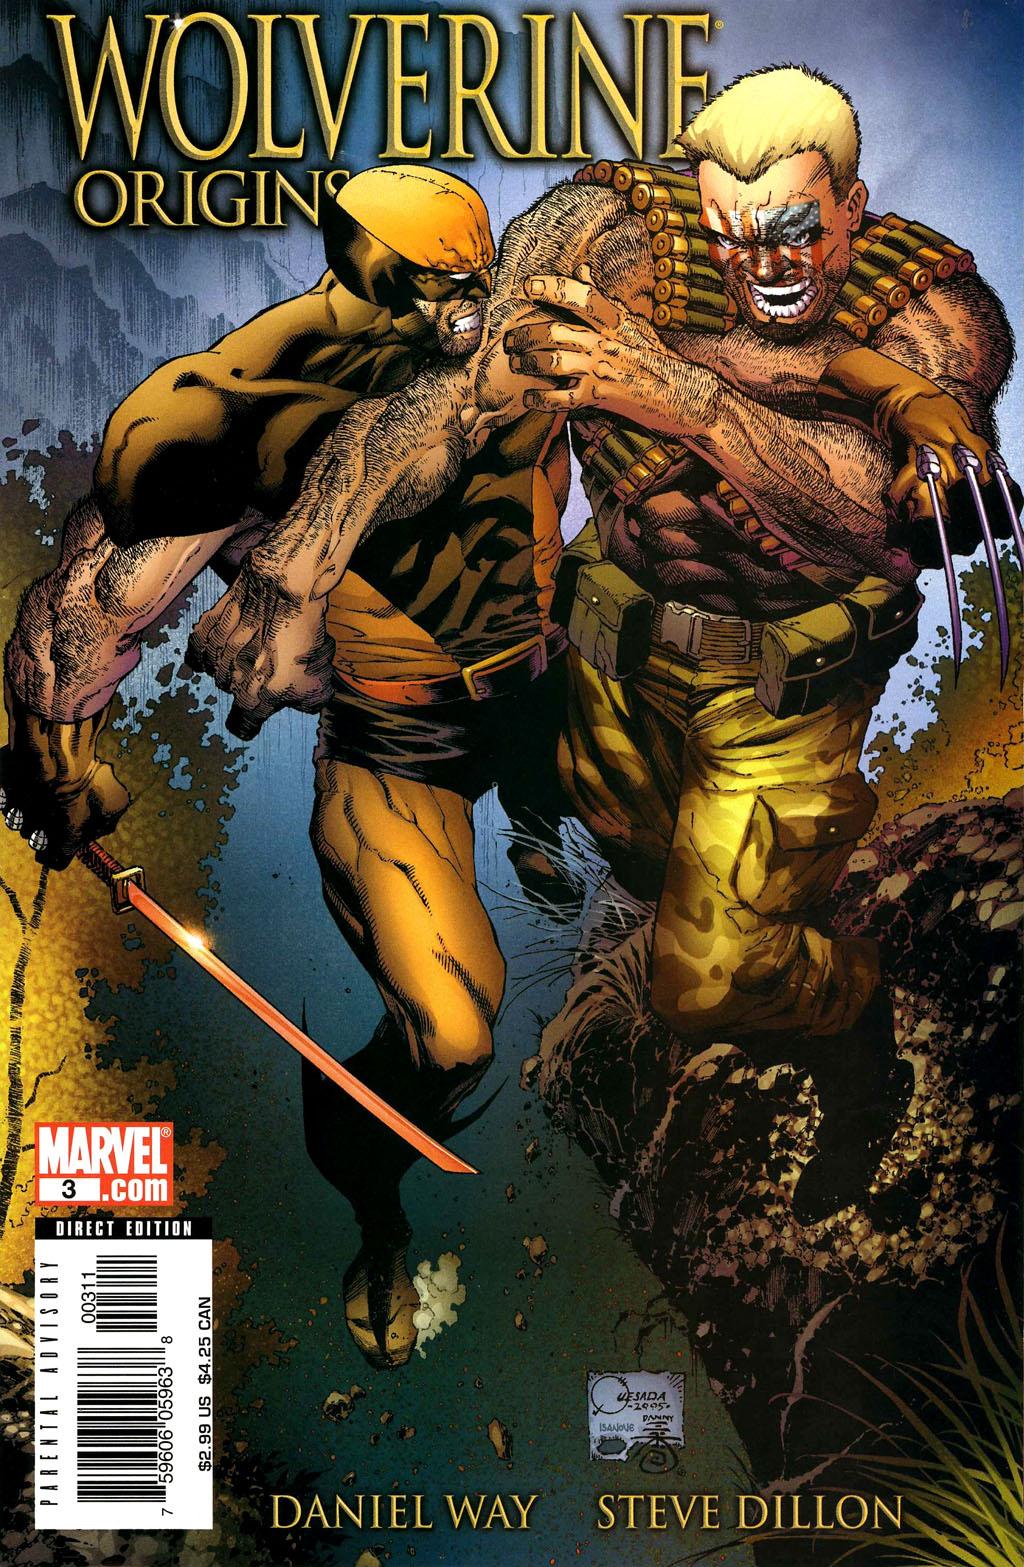 Read online Wolverine: Origins comic -  Issue #3 - 1